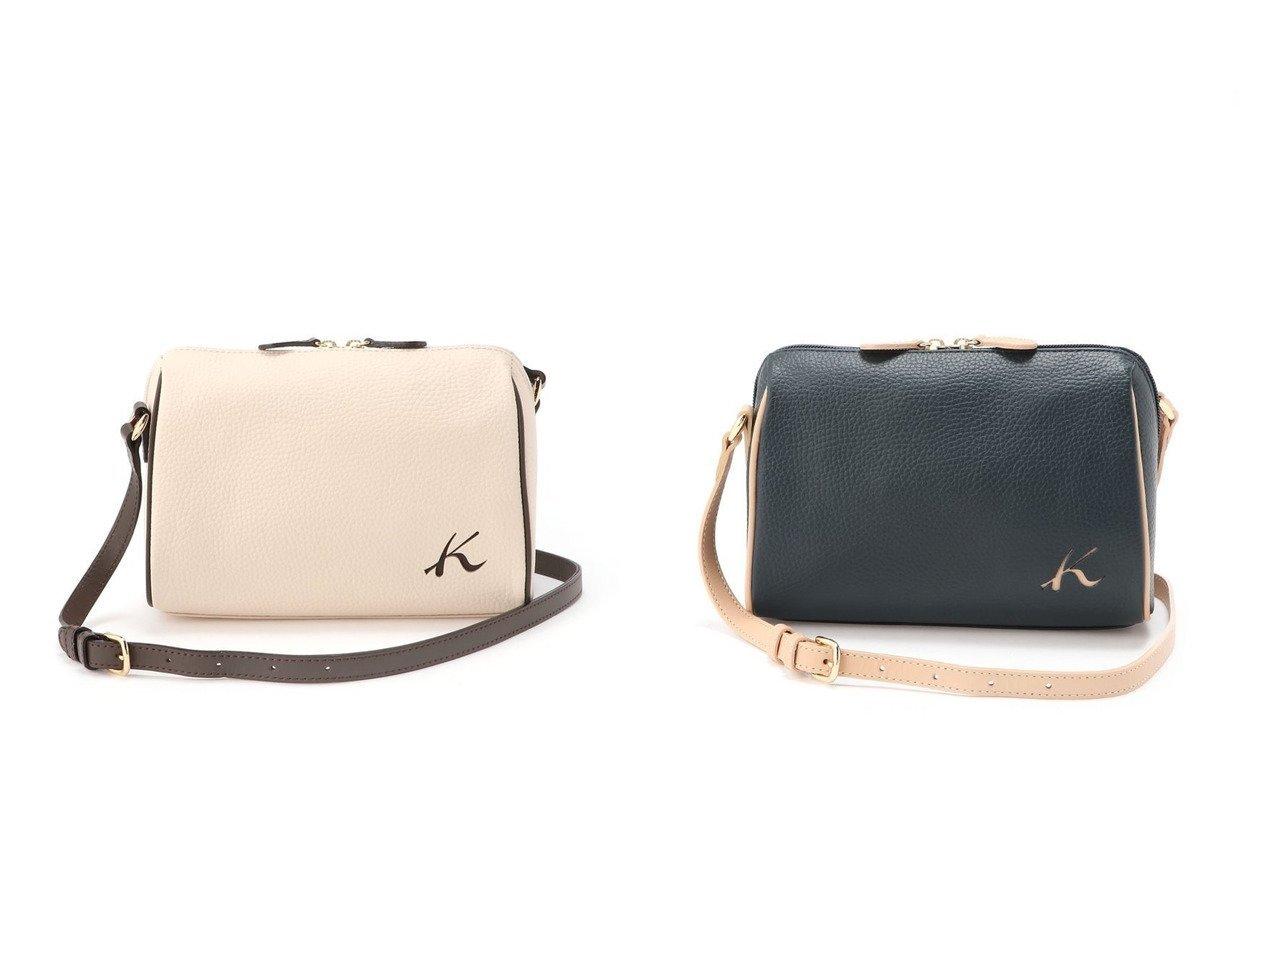 【Kitamura/キタムラ】のショルダーバッグ R-0613 【バッグ・鞄】おすすめ!人気、トレンド・レディースファッションの通販 おすすめで人気の流行・トレンド、ファッションの通販商品 メンズファッション・キッズファッション・インテリア・家具・レディースファッション・服の通販 founy(ファニー) https://founy.com/ ファッション Fashion レディースファッション WOMEN ダブル  ID:crp329100000033045